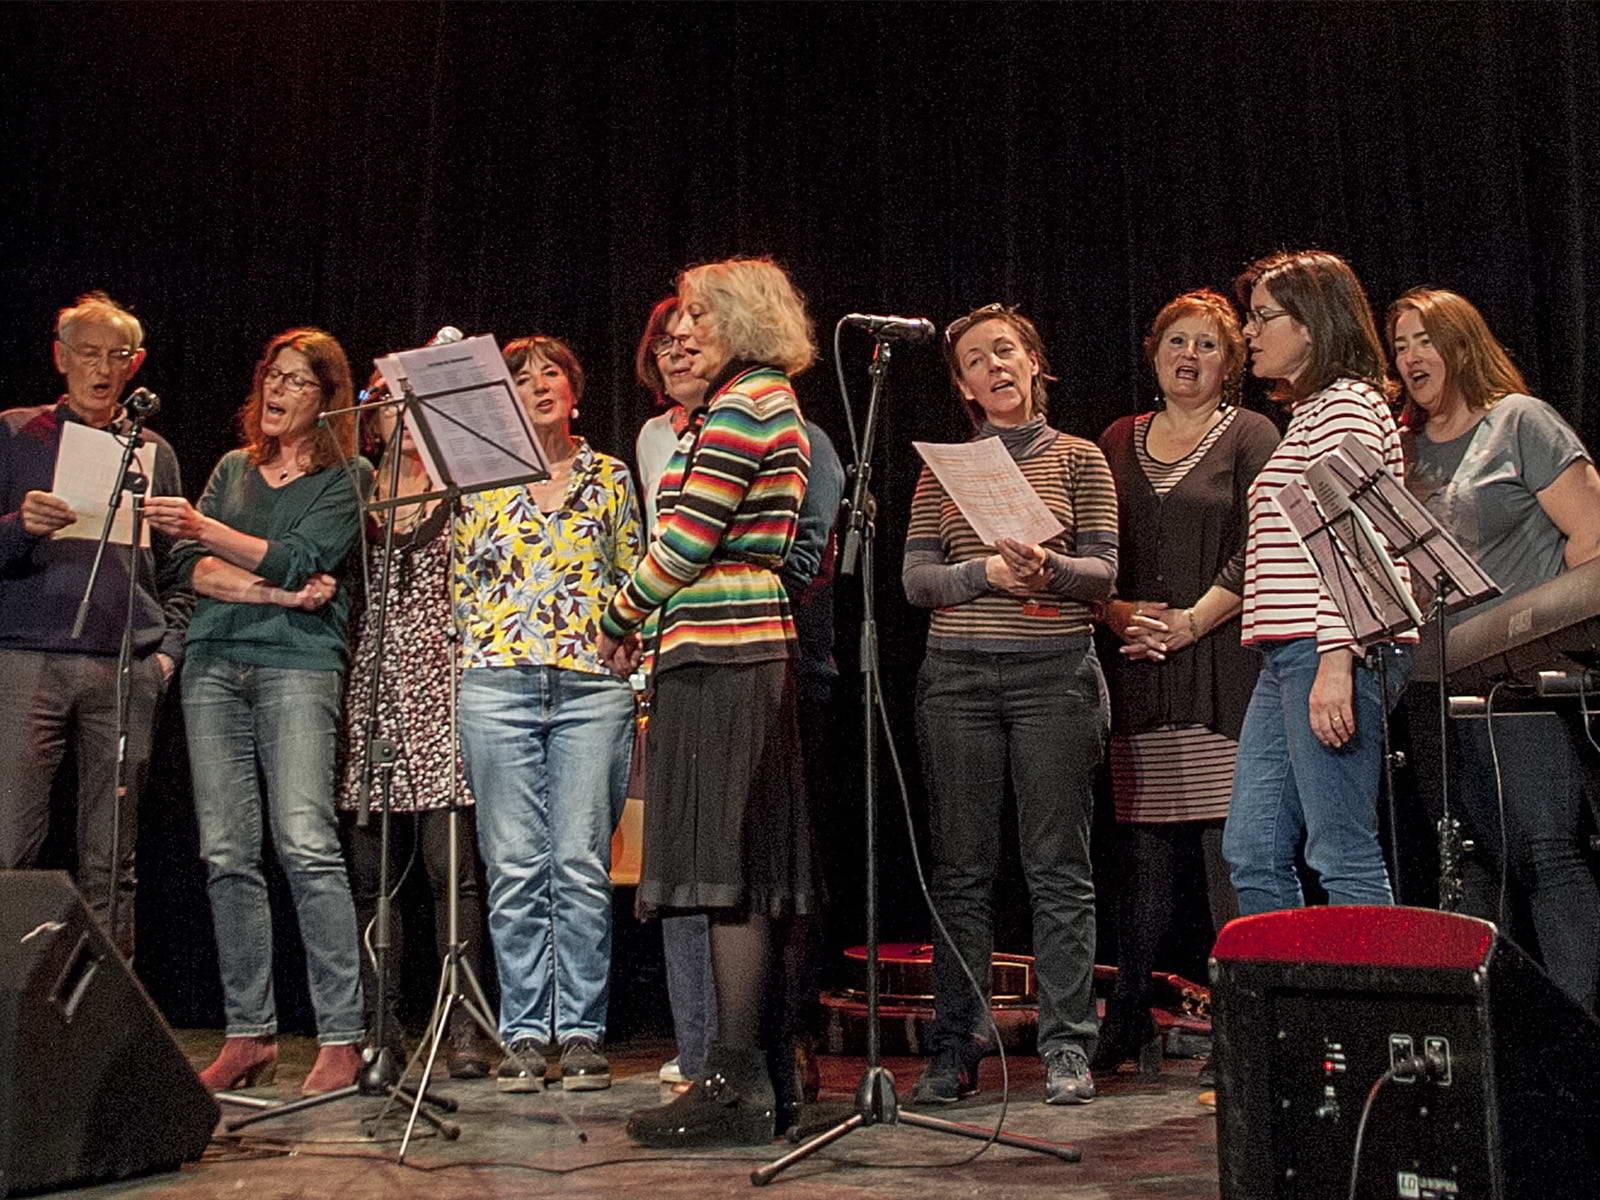 Samedi 1er février à partir de 19h00, Soirée « Chantons à Mercoeur »